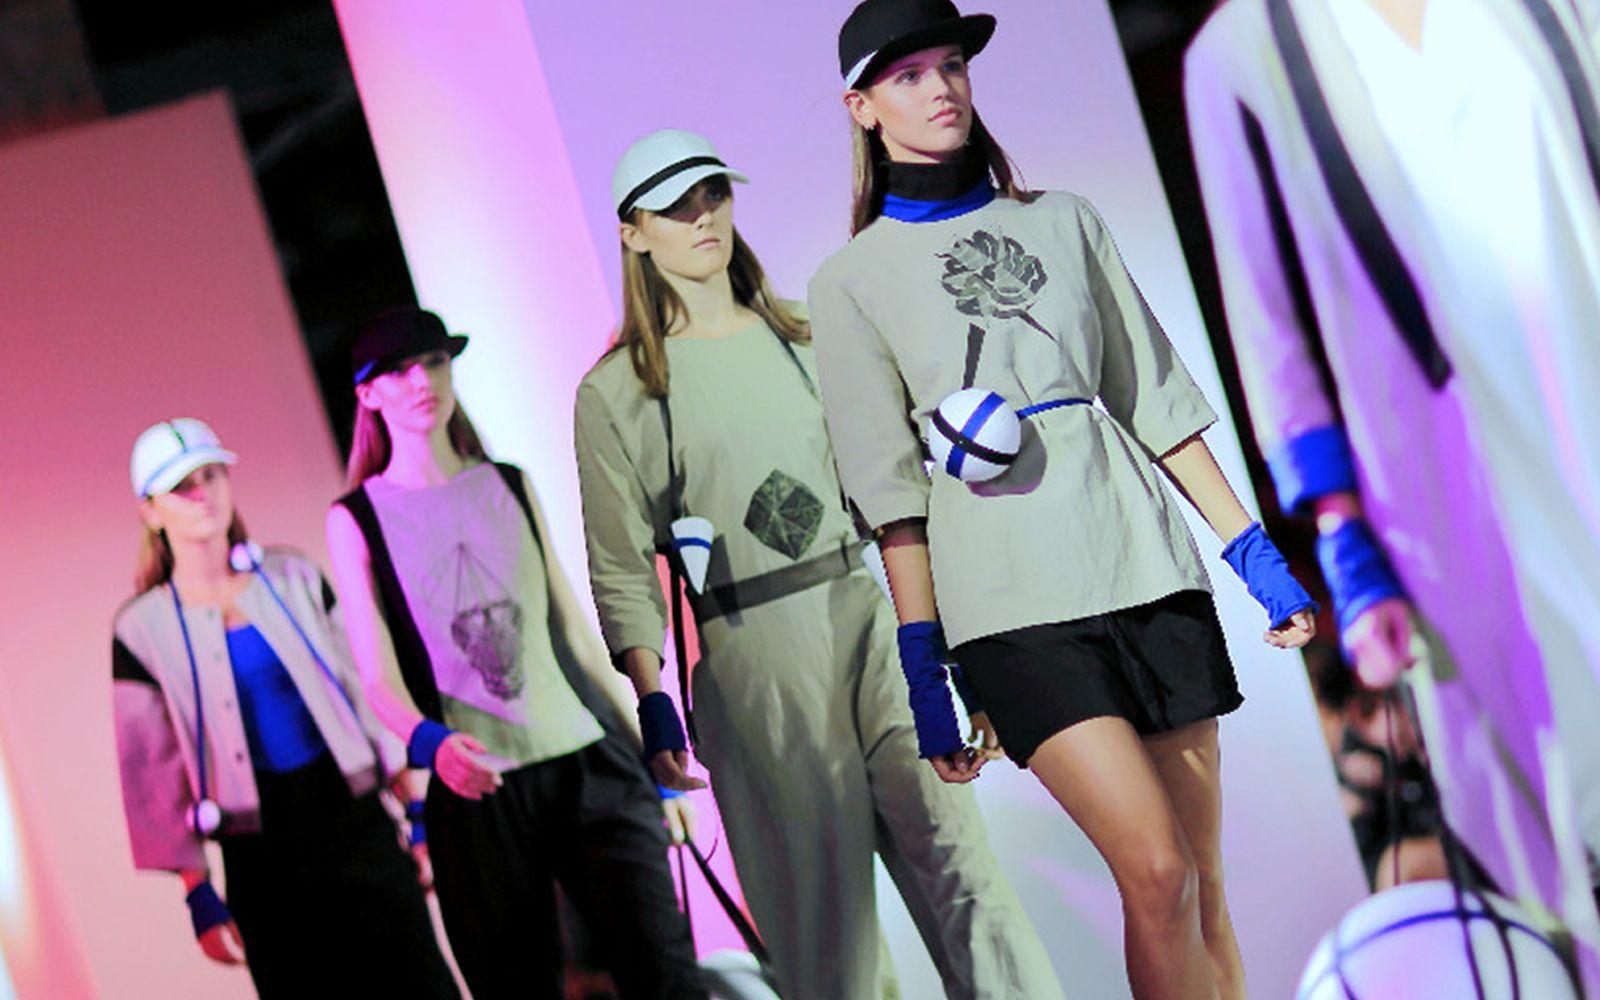 De nouveaux talents rejoignent les maisons de mode de Lille & Roubaix #MaisonsdeModeLille-Roubaix #LucyColl #NicolasNesson #WilliamArlotti #LeFashionPost #Webzine #Mode #Fashion #Lifestyle #News #Lille #Roubaix #France cc Patrick Tomas